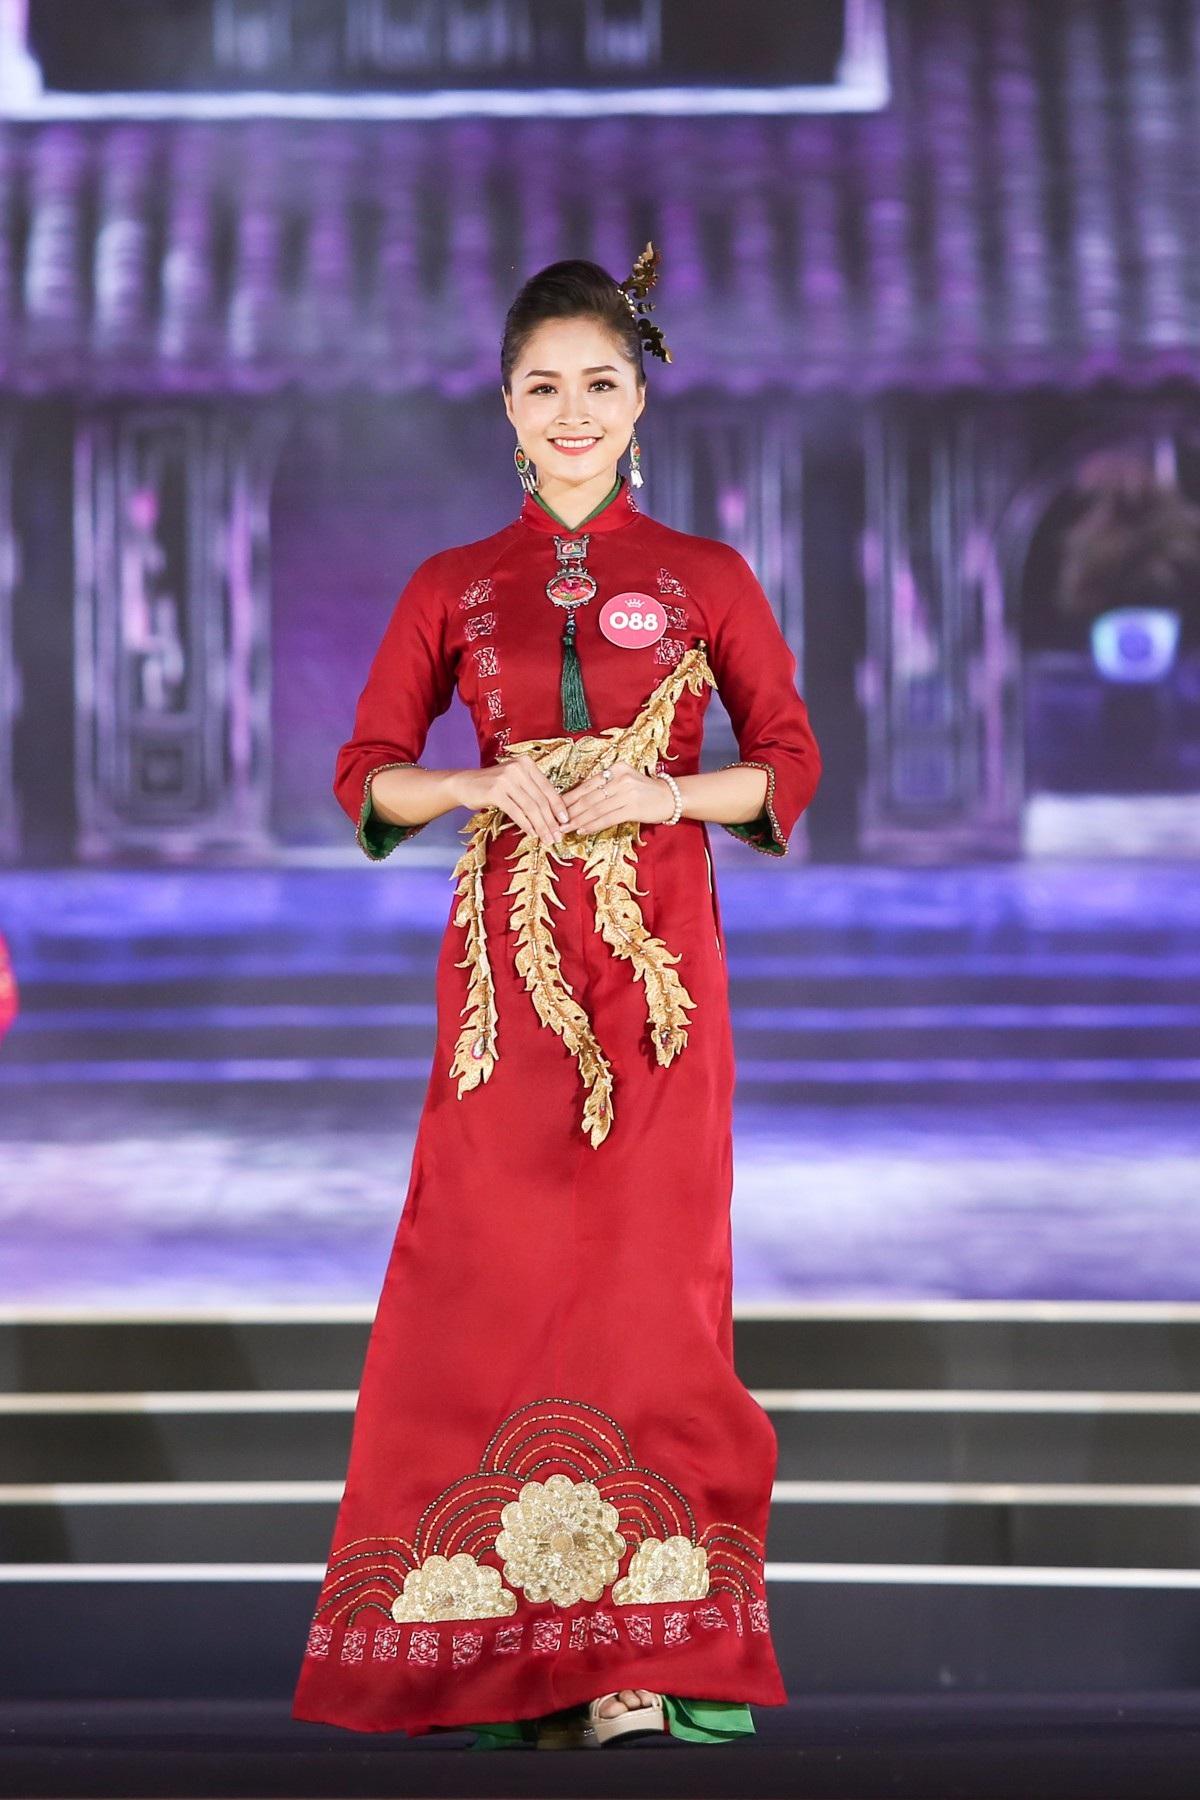 """Hoa hậu Bùi Bích Phương diện đầm trễ ngực, """"át"""" cả sự gợi cảm của đàn em - Ảnh 11."""